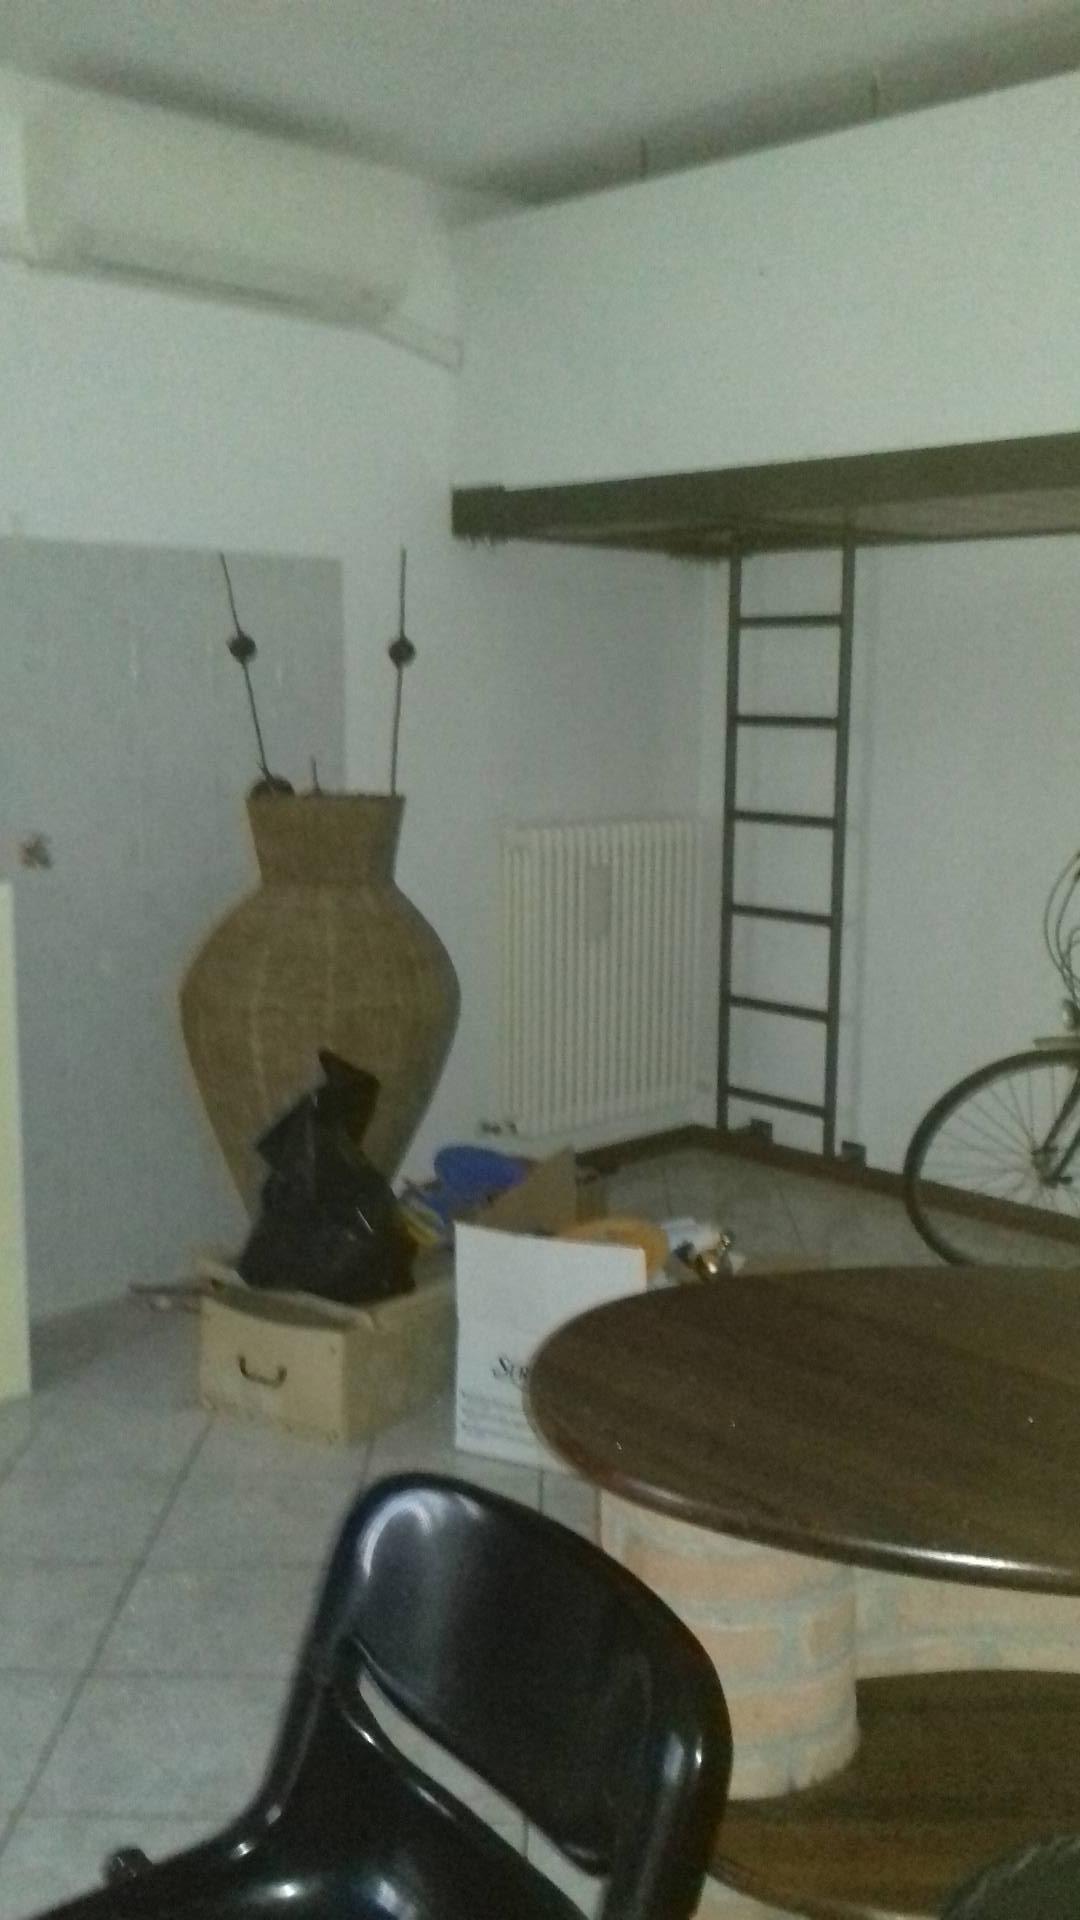 Appartamento in vendita a Massa Lombarda, 3 locali, zona Località: MassaLombarda, prezzo € 85.000   CambioCasa.it